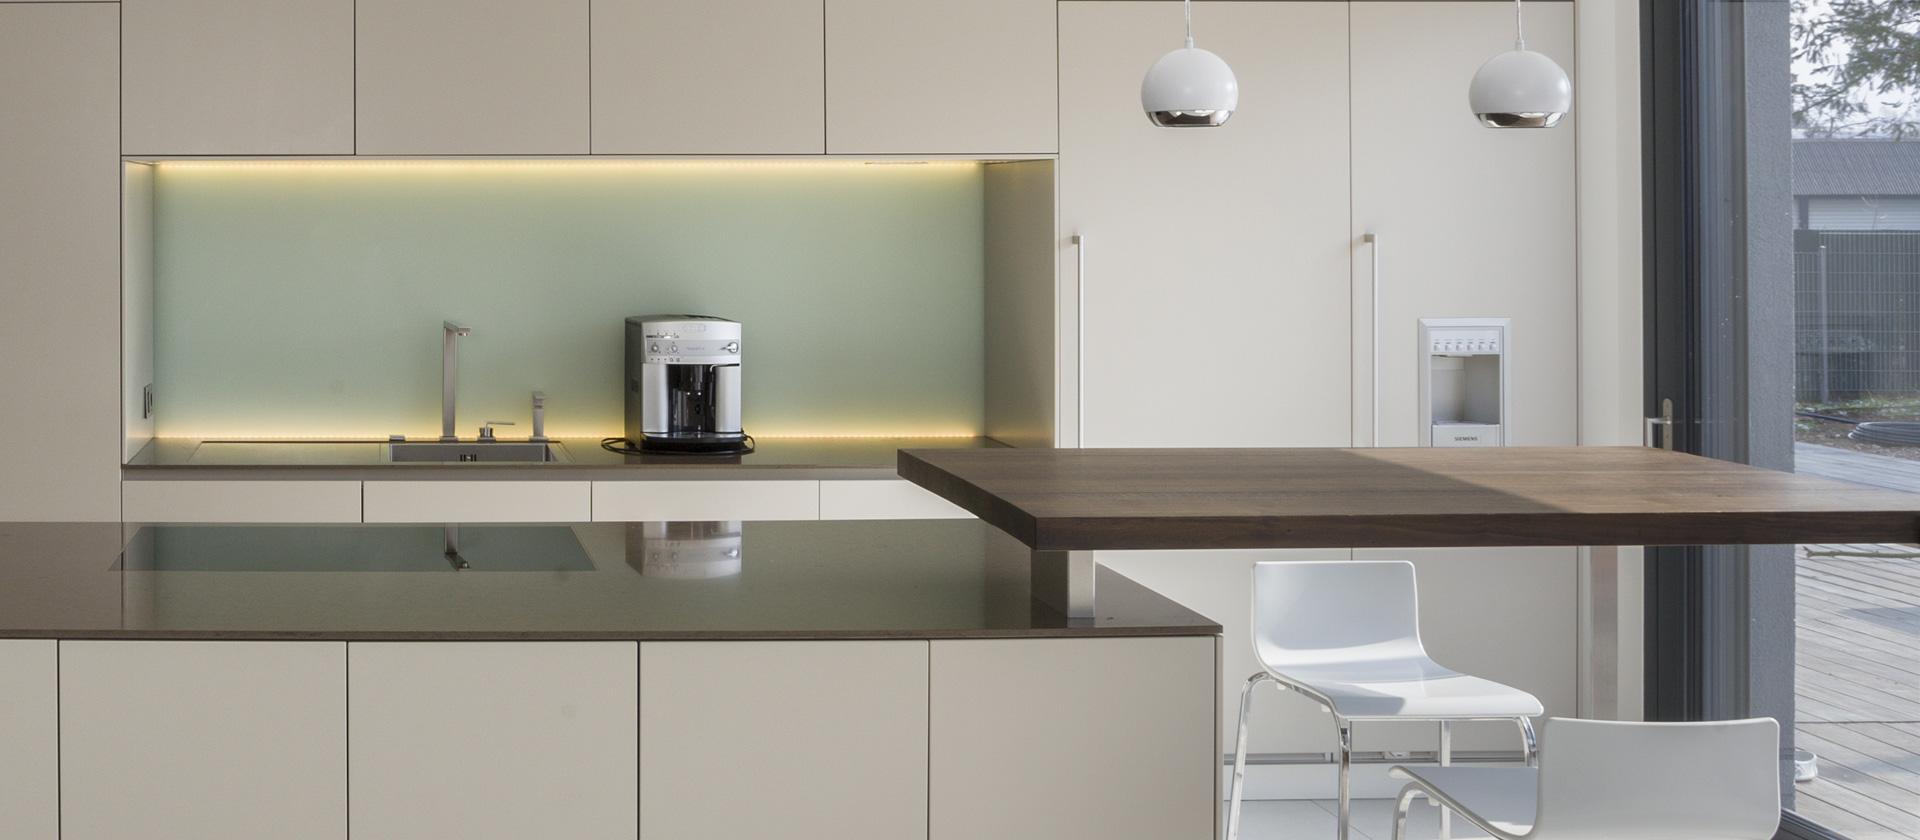 voxtorp k che nussbaum poco k che weiss arbeitsplatte 90 cm tief preis fliesen f r modern. Black Bedroom Furniture Sets. Home Design Ideas